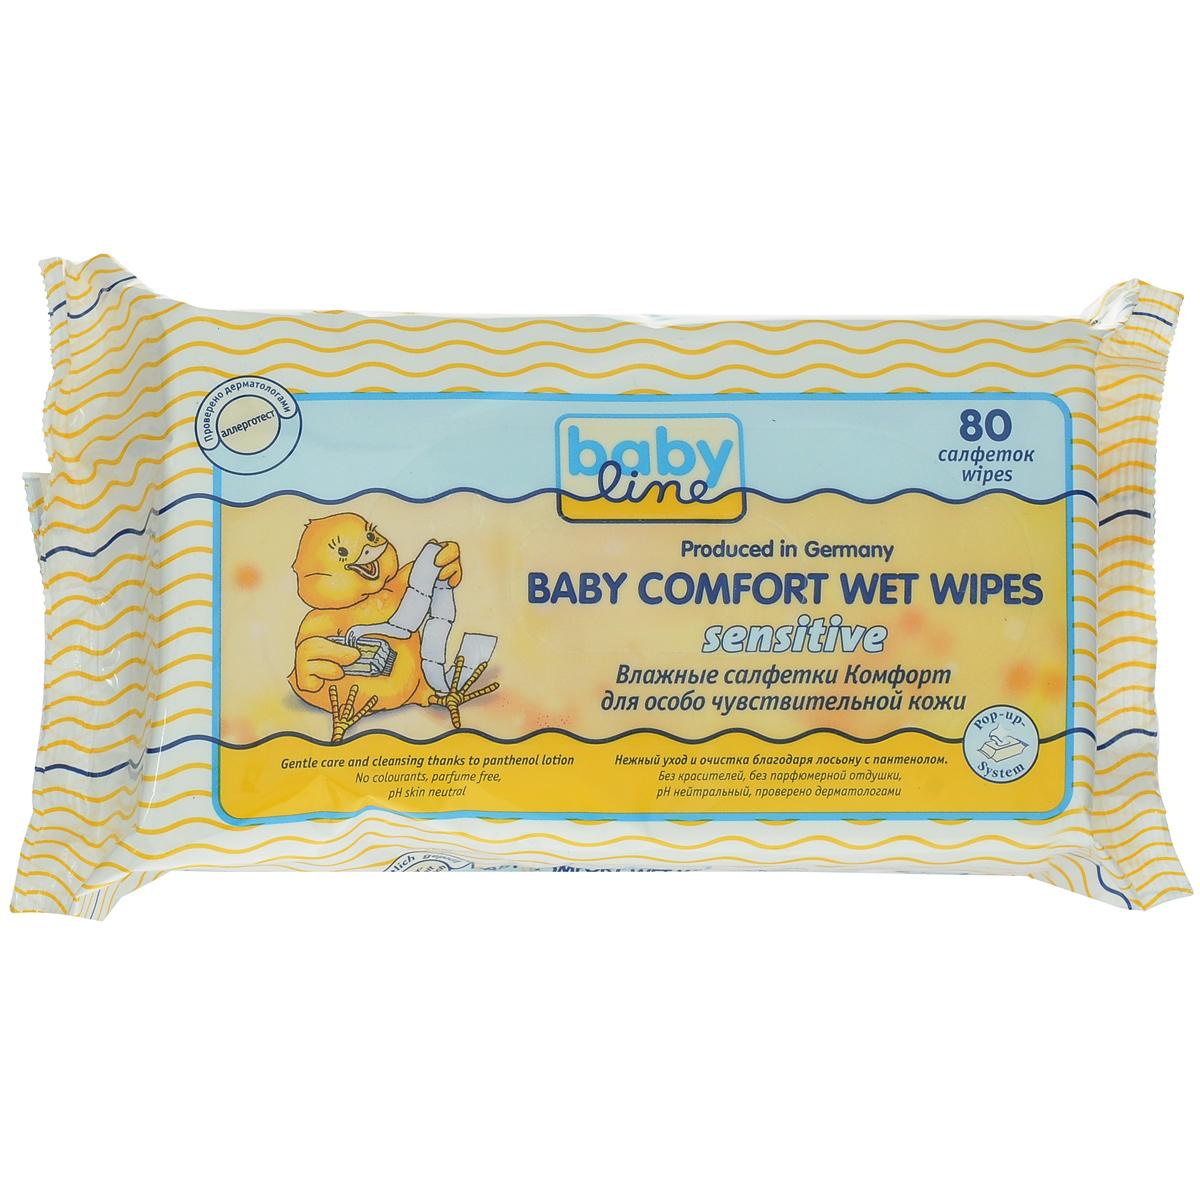 BabyLine Влажные салфетки Babe Comfort. Sensitivе, для особо чувствительной кожи, 80 шт208067Влажные салфетки Babe Comfort. Sensitivе нежно ухаживают и мягко очищают чувствительную кожу ребенка. Пропитаны лосьоном с пантенолом, который прекрасно увлажняет и защищает кожу от внешних воздействий и способствует предотвращению и заживлению раздражений кожи. Товар сертифицирован.